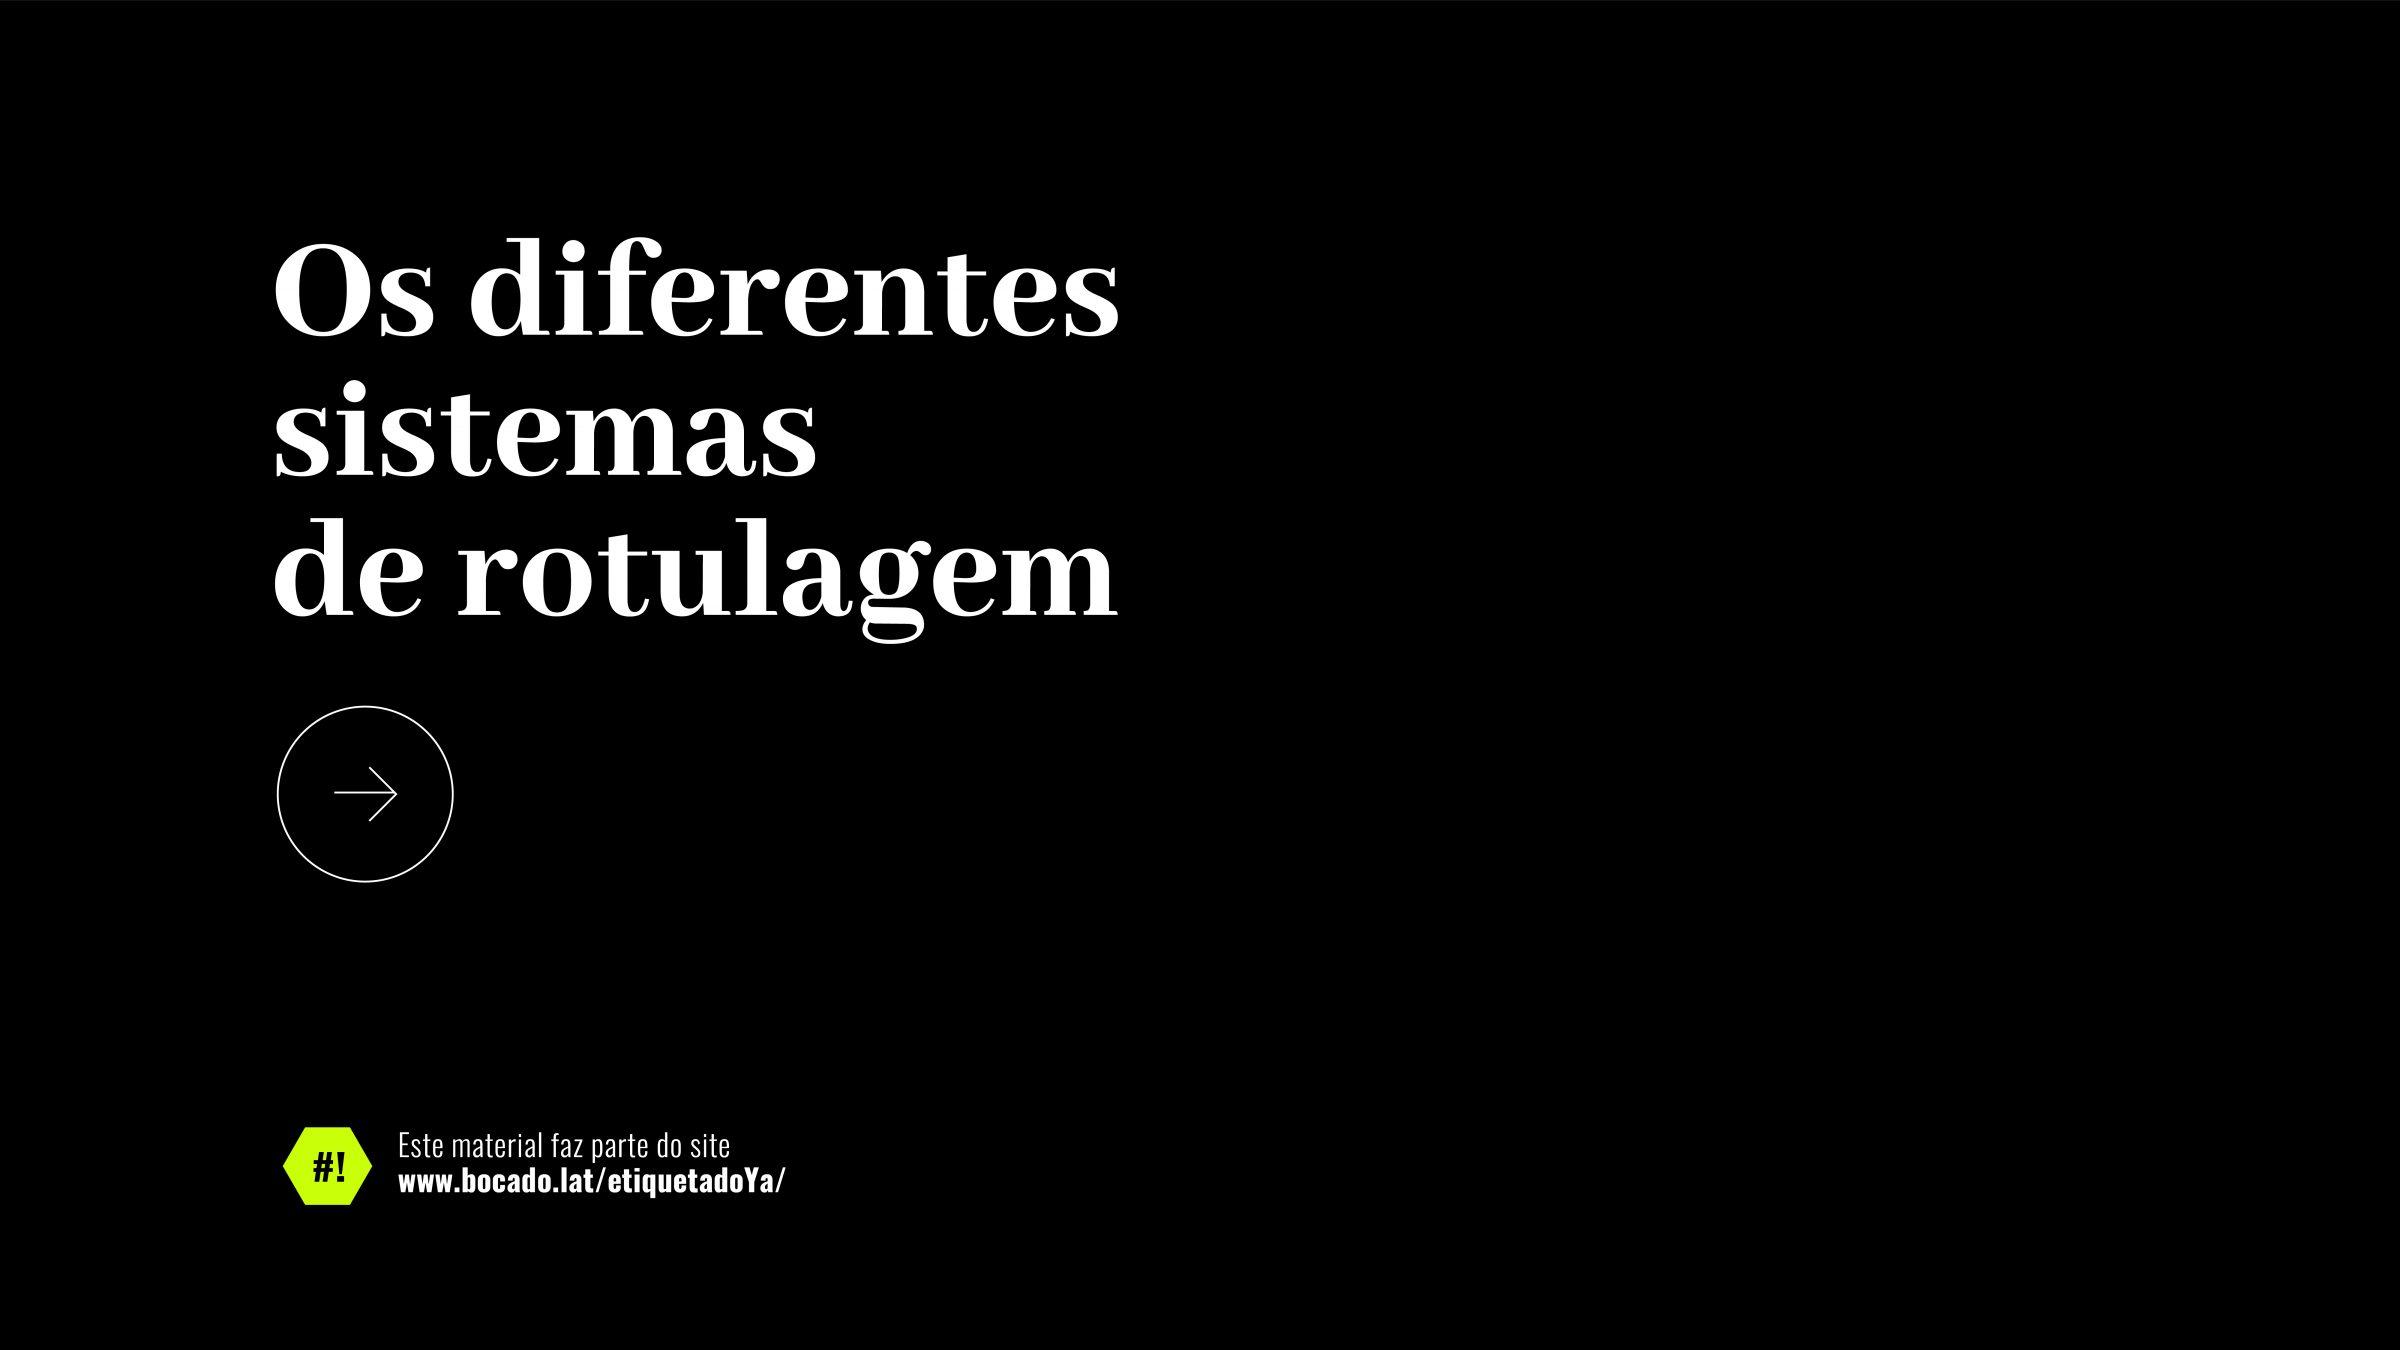 Sistemas_etiquetado_1_Bocado_PT